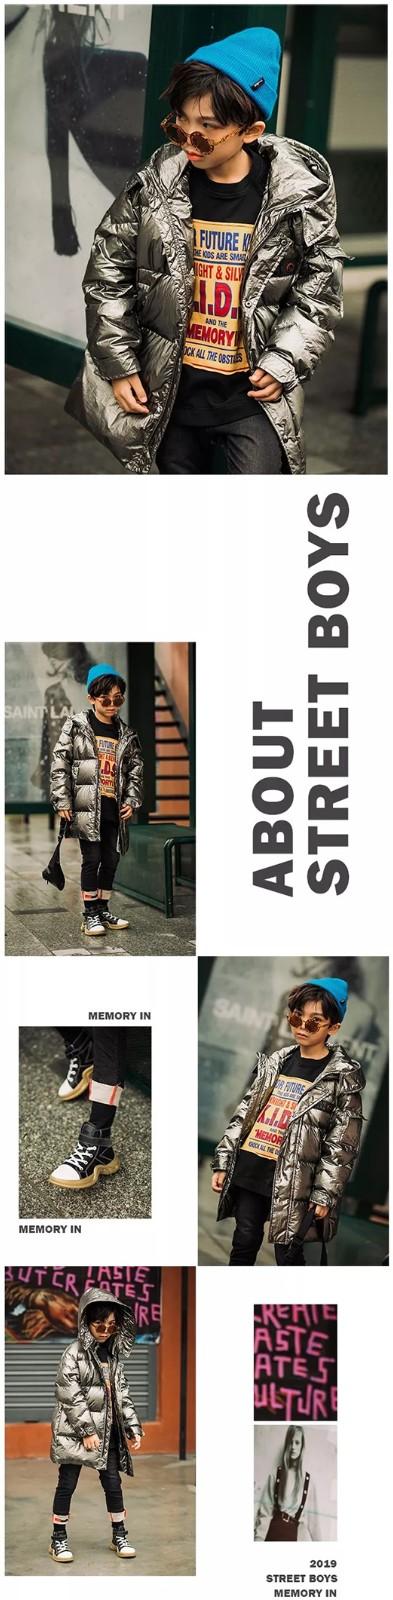 两个小朋友MemoryIn 行走的在街头的男孩